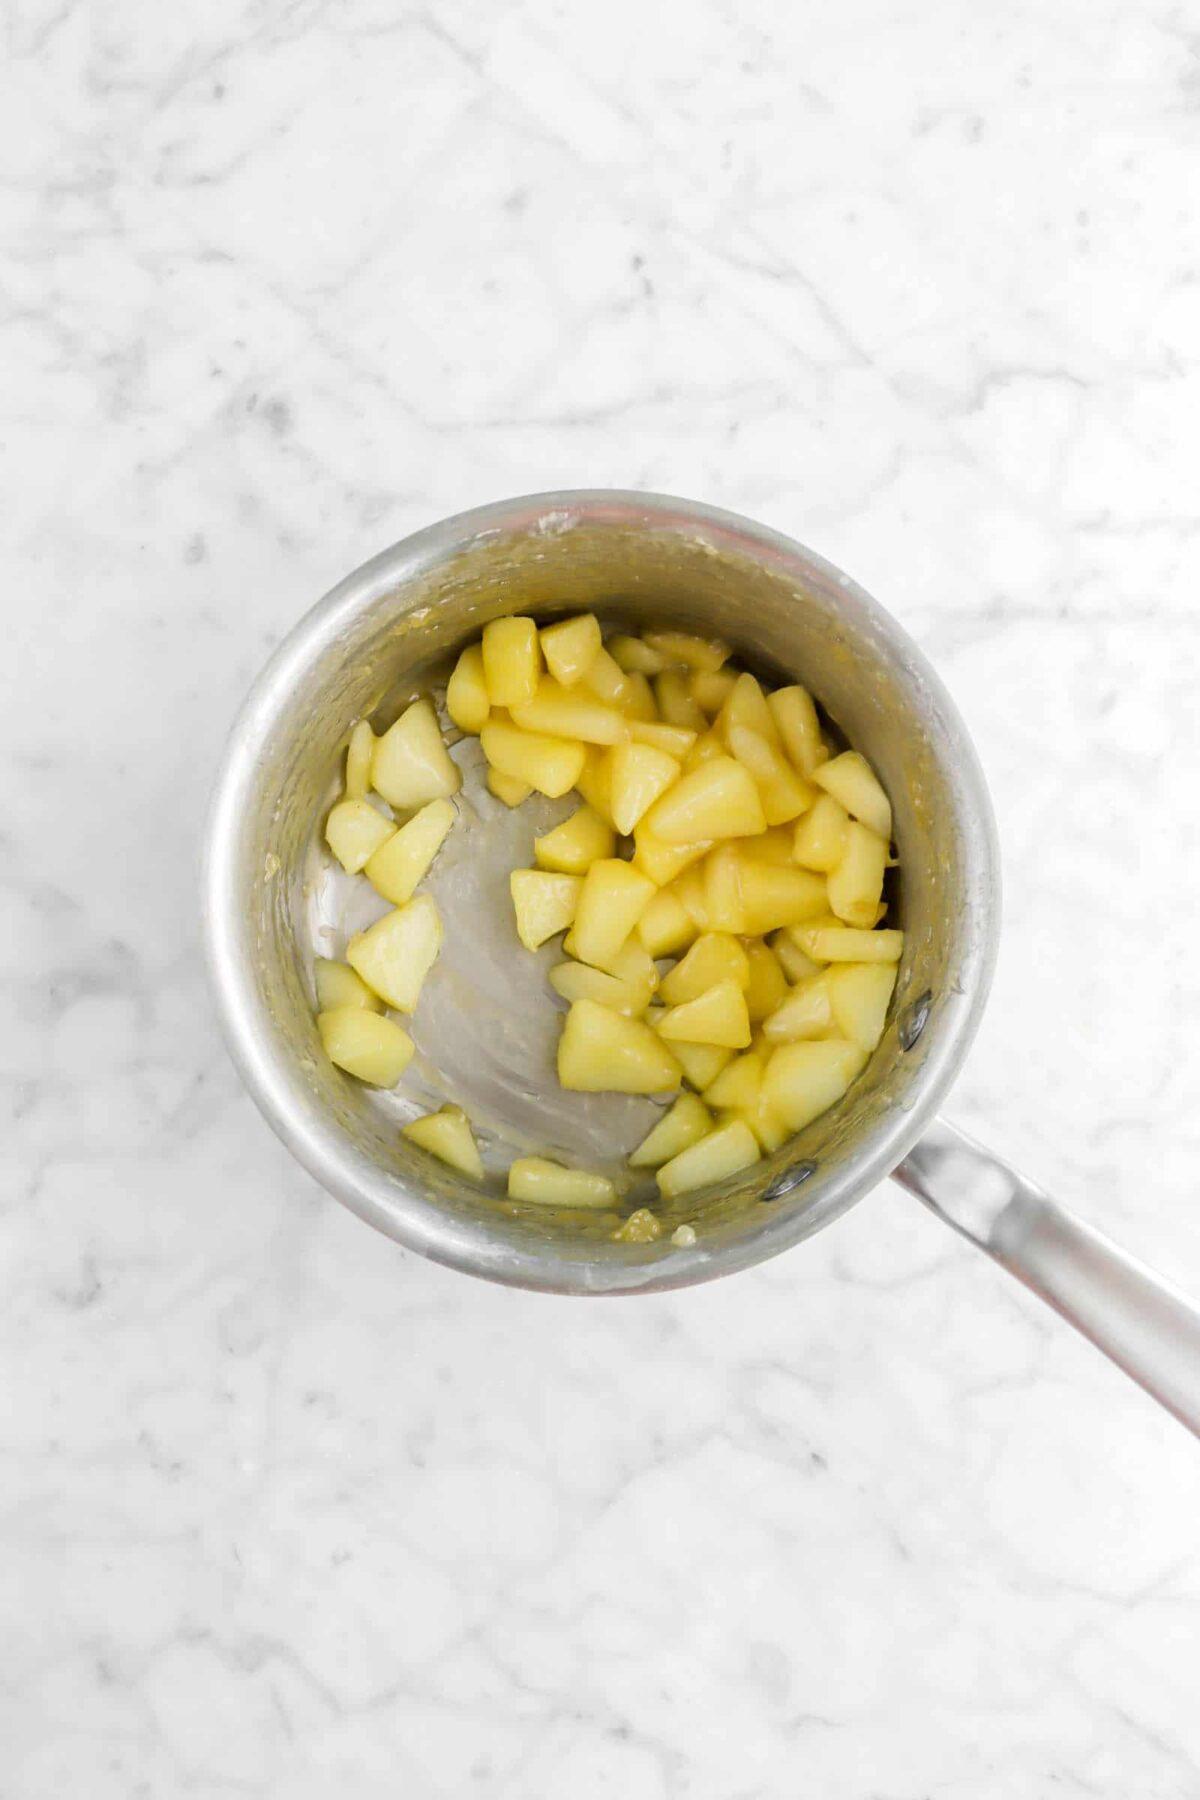 Sautéed apples in small pot